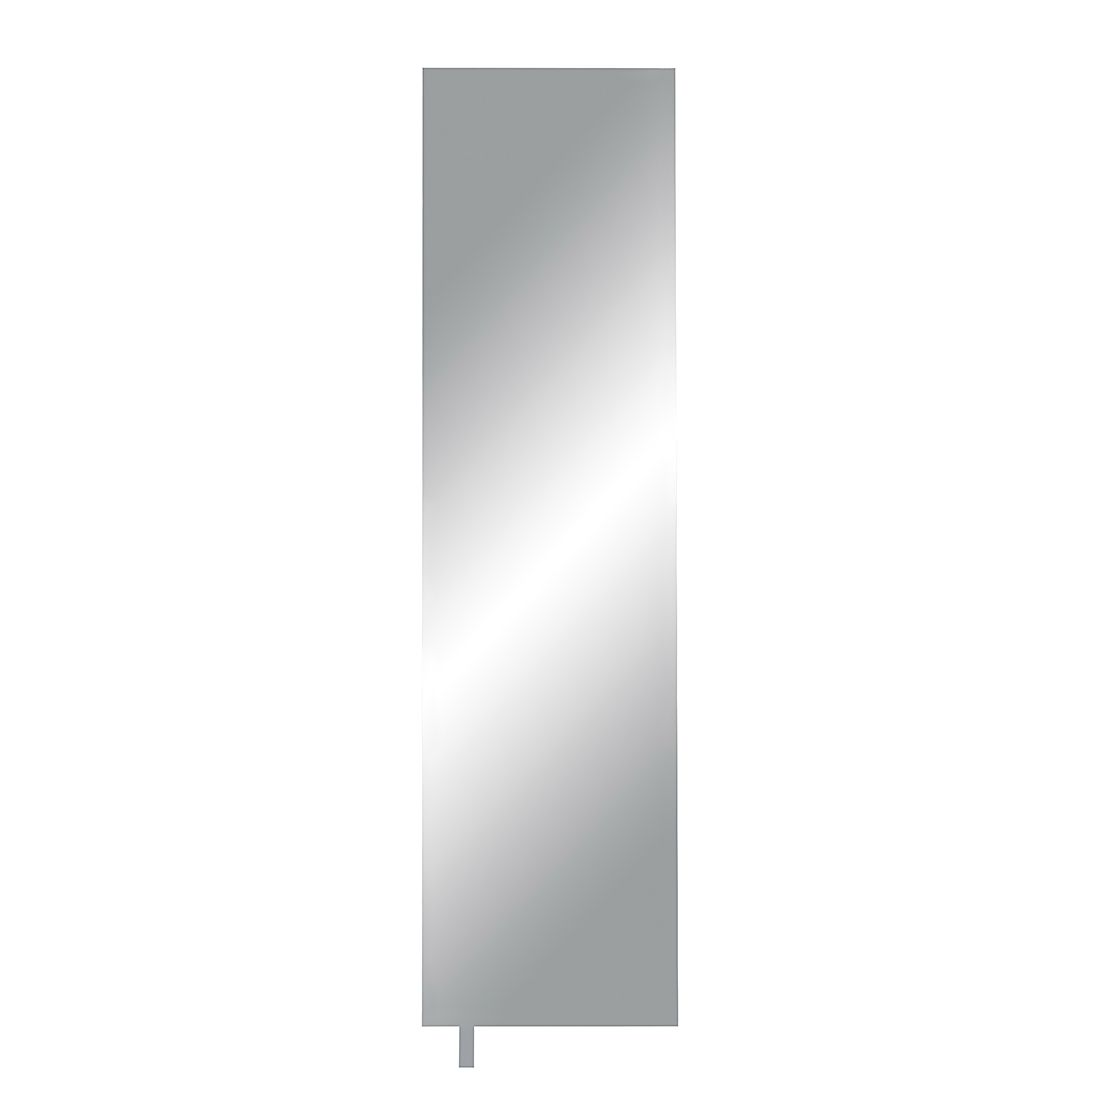 Schuhschrank Mirror mit Spiegel, Magazin-Möbel bestellen